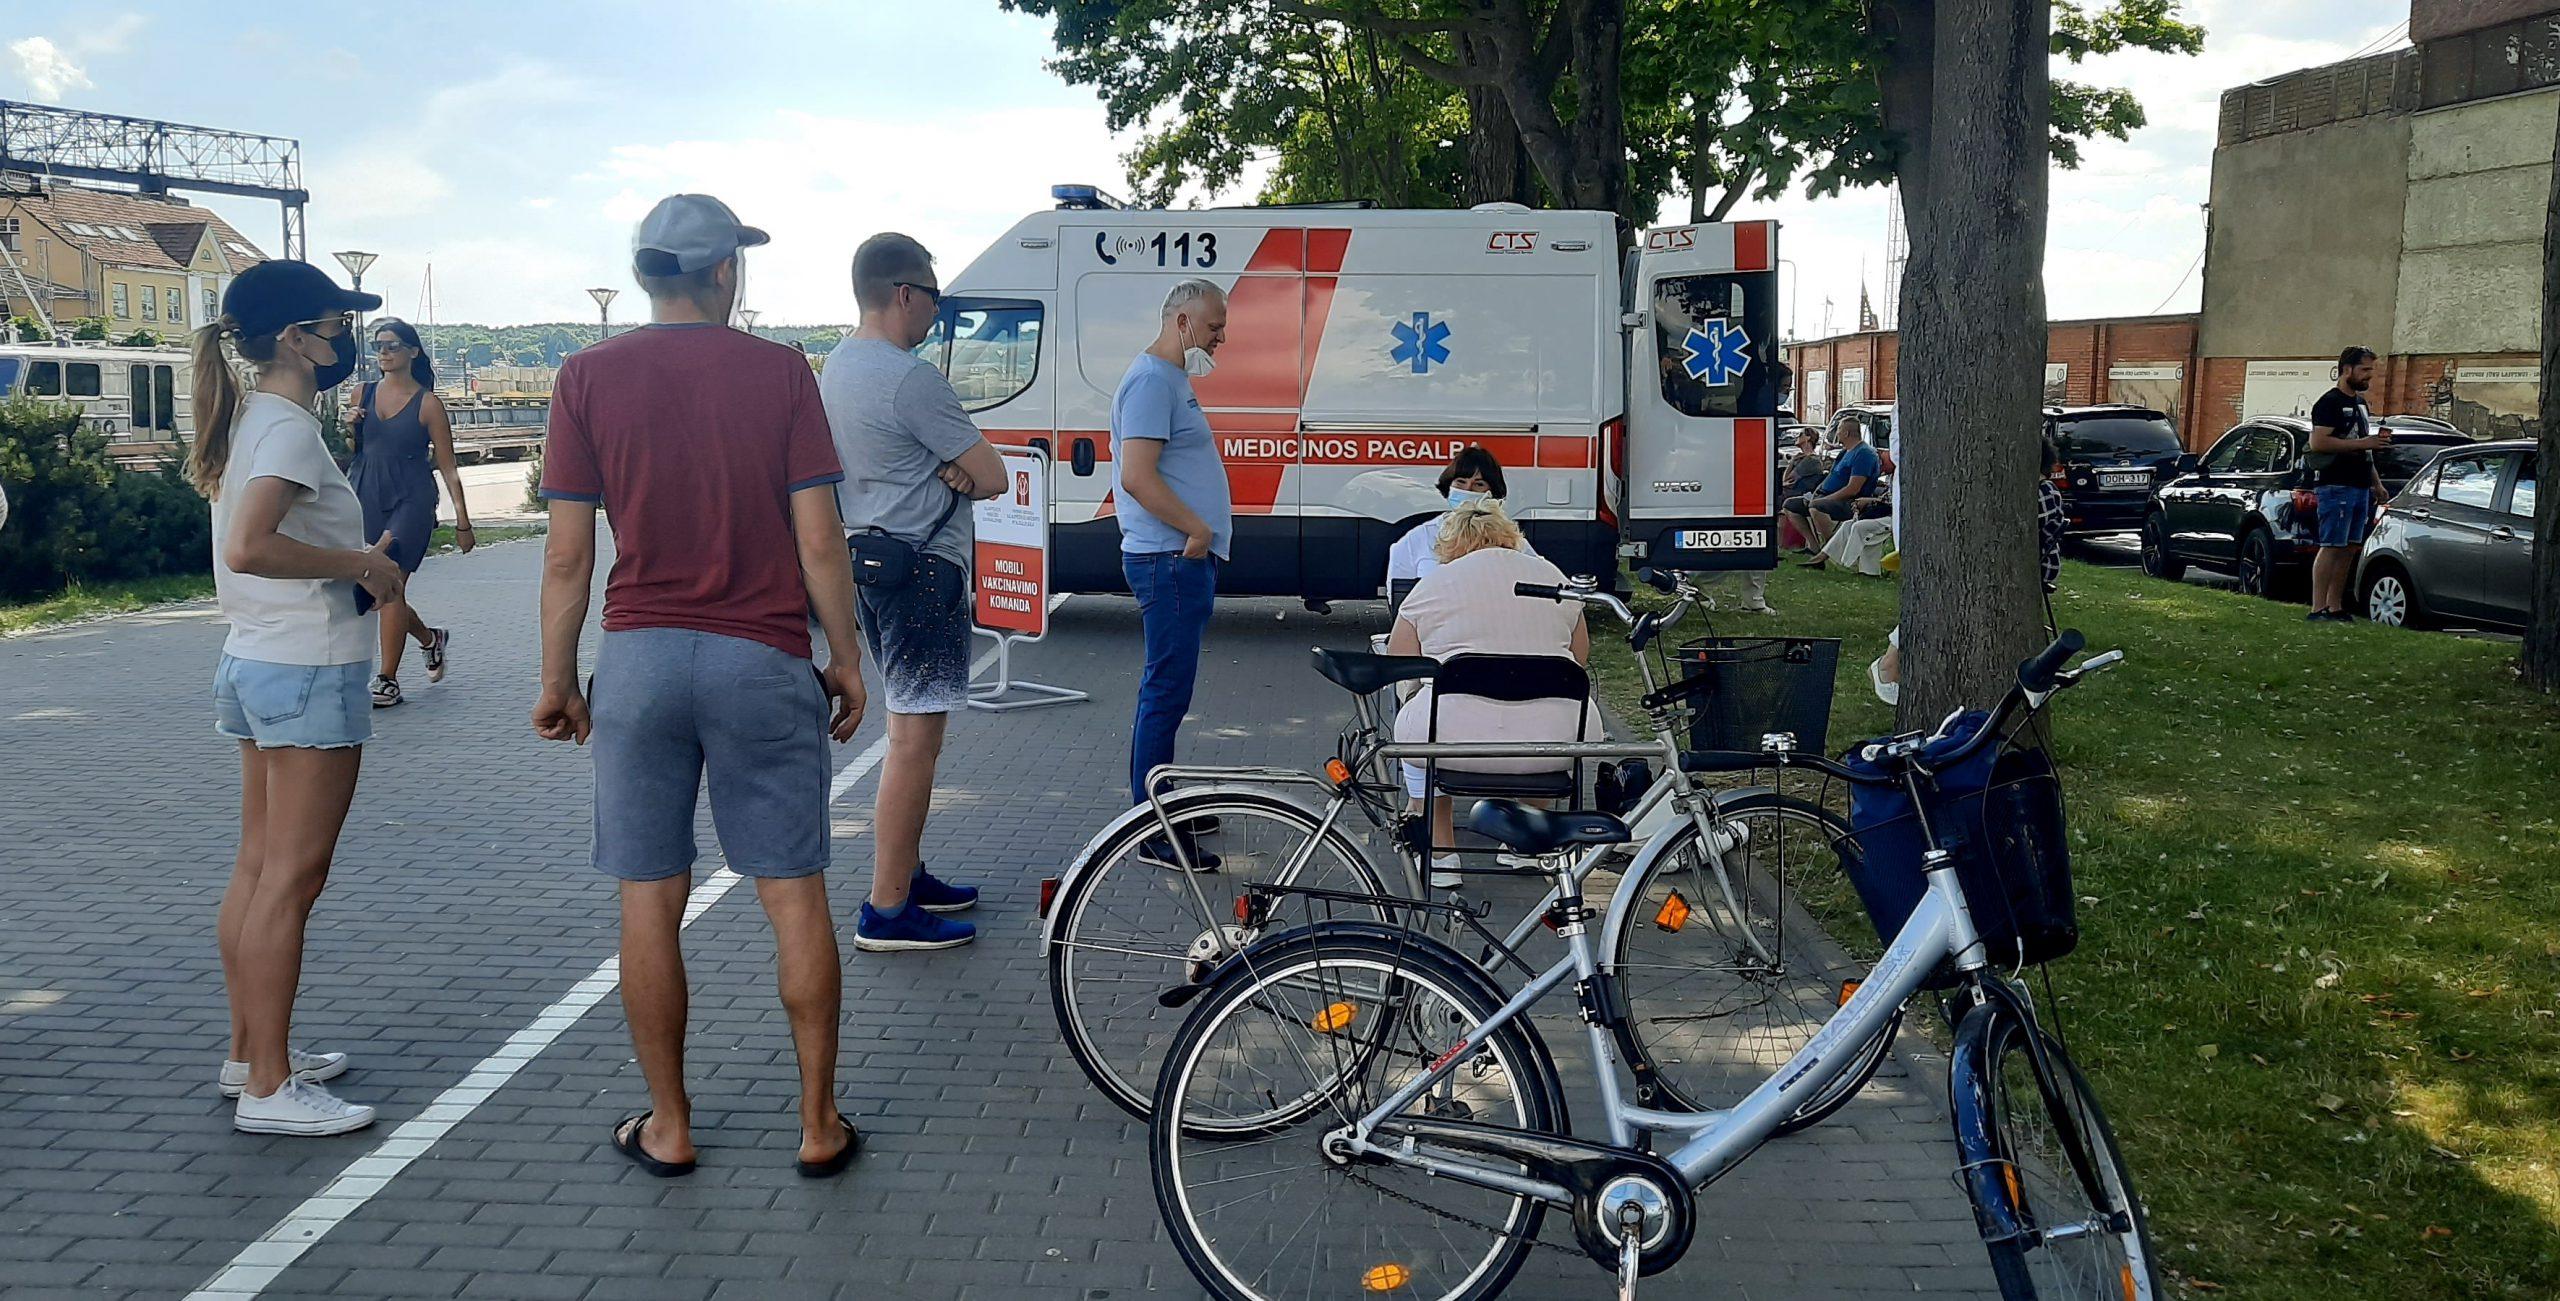 Прививочный автобус ждет желающих вакцинироваться на улице Лаукининку